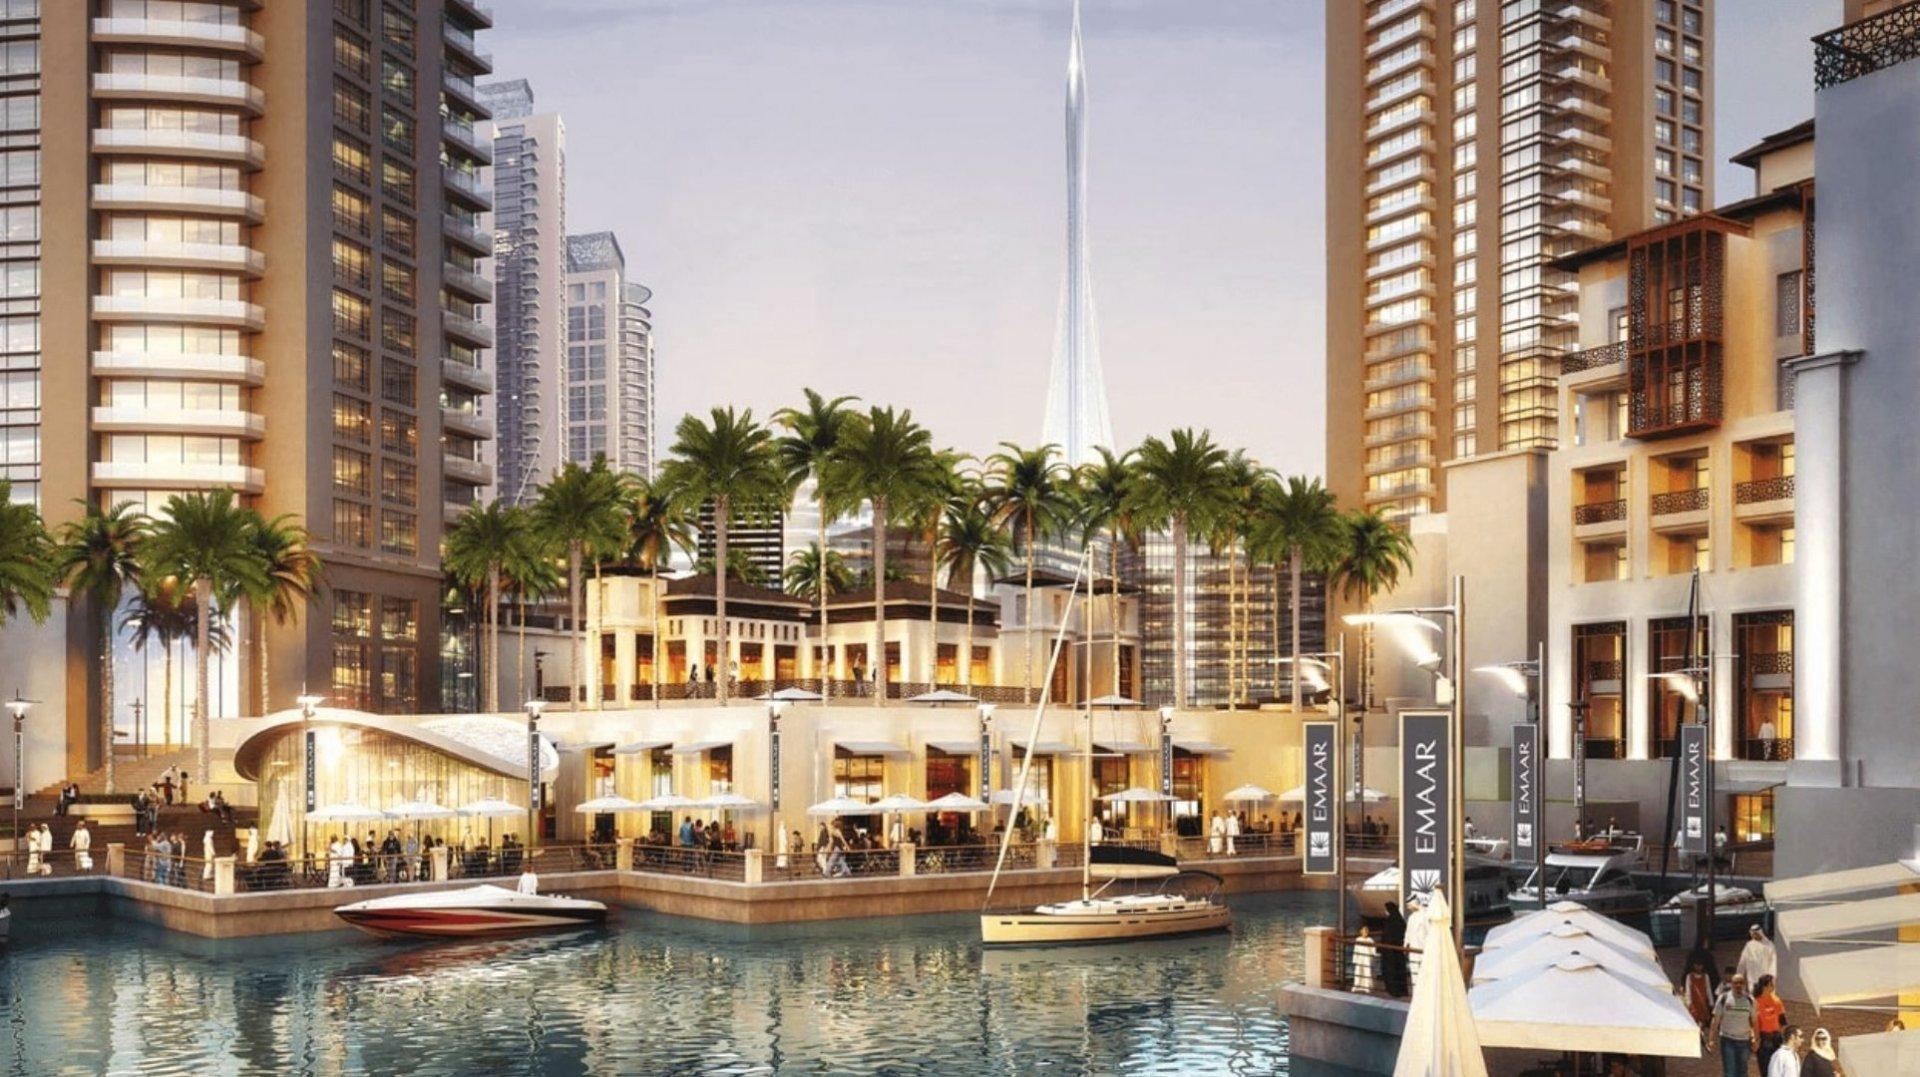 CREEK HORIZON, Dubai Creek Harbour (The Lagoons), UAE – photo 6